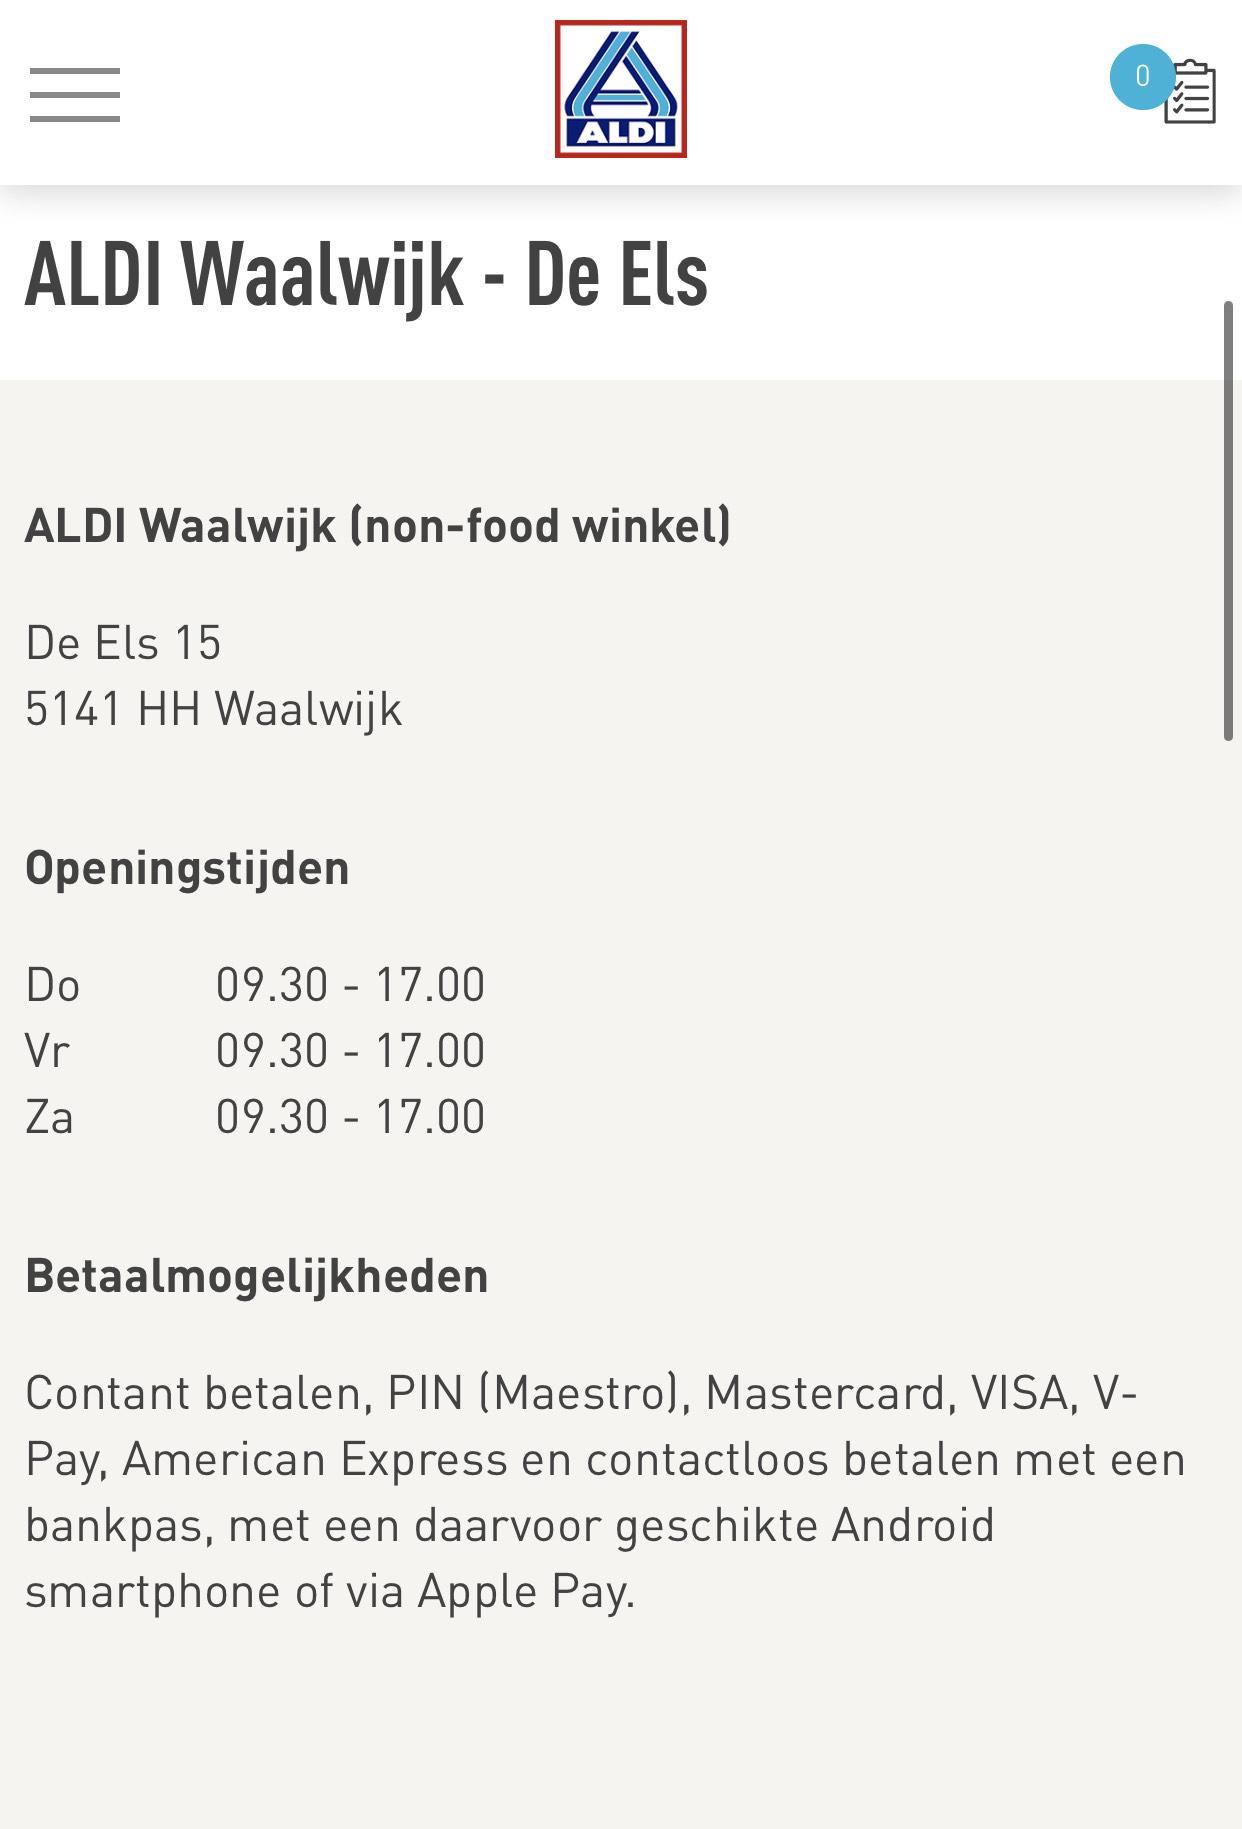 Aldi outlet (non-food) te Waalwijk kortingen tot 80% + extra 30%